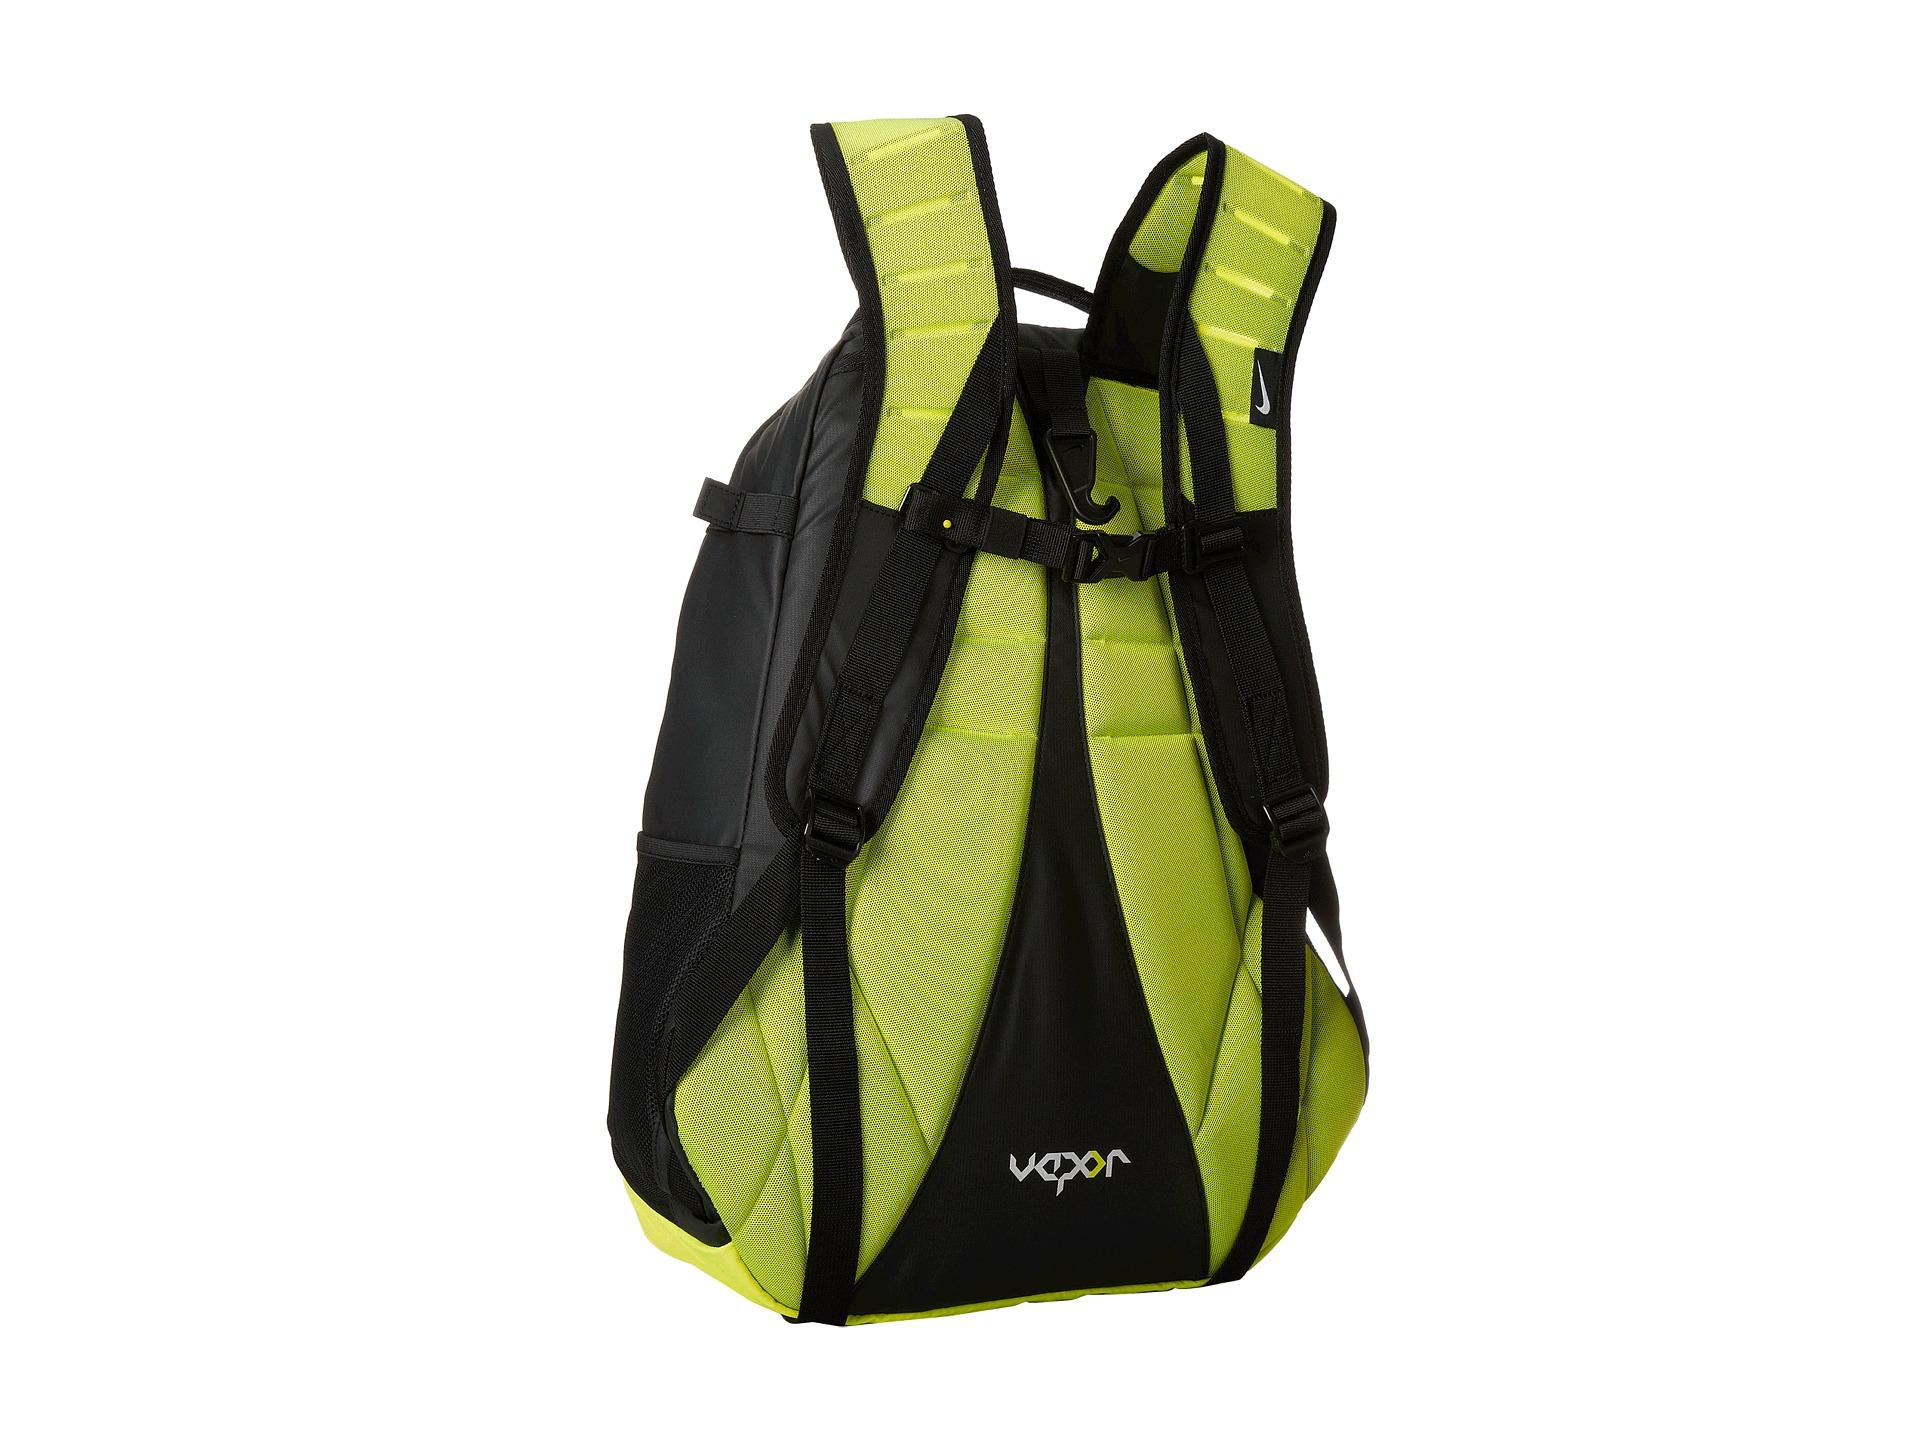 lyst nike vapor elite backpack in green